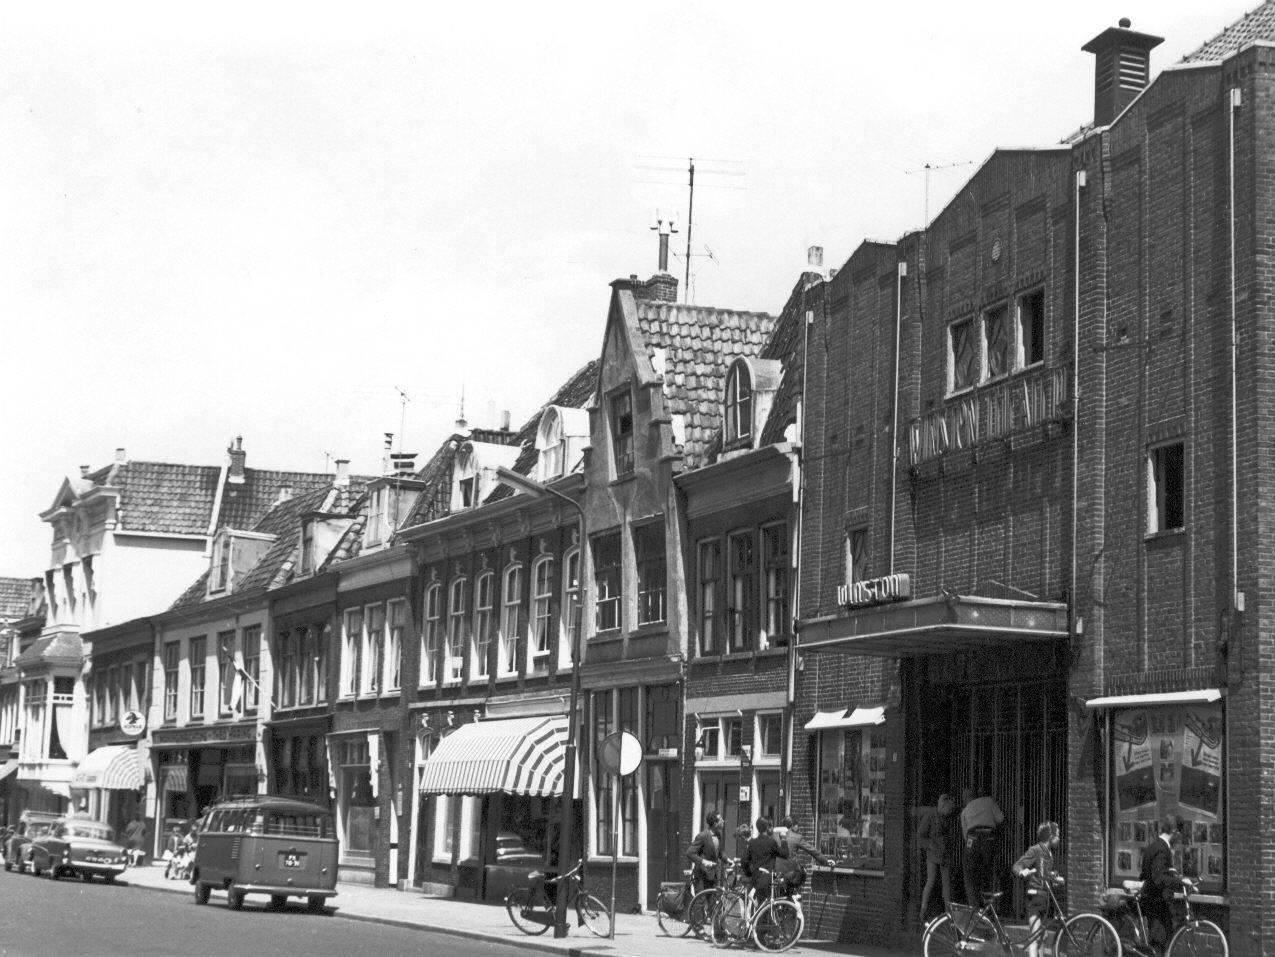 Hoorn Huizen Straten en Mensen van 31 aug 2014